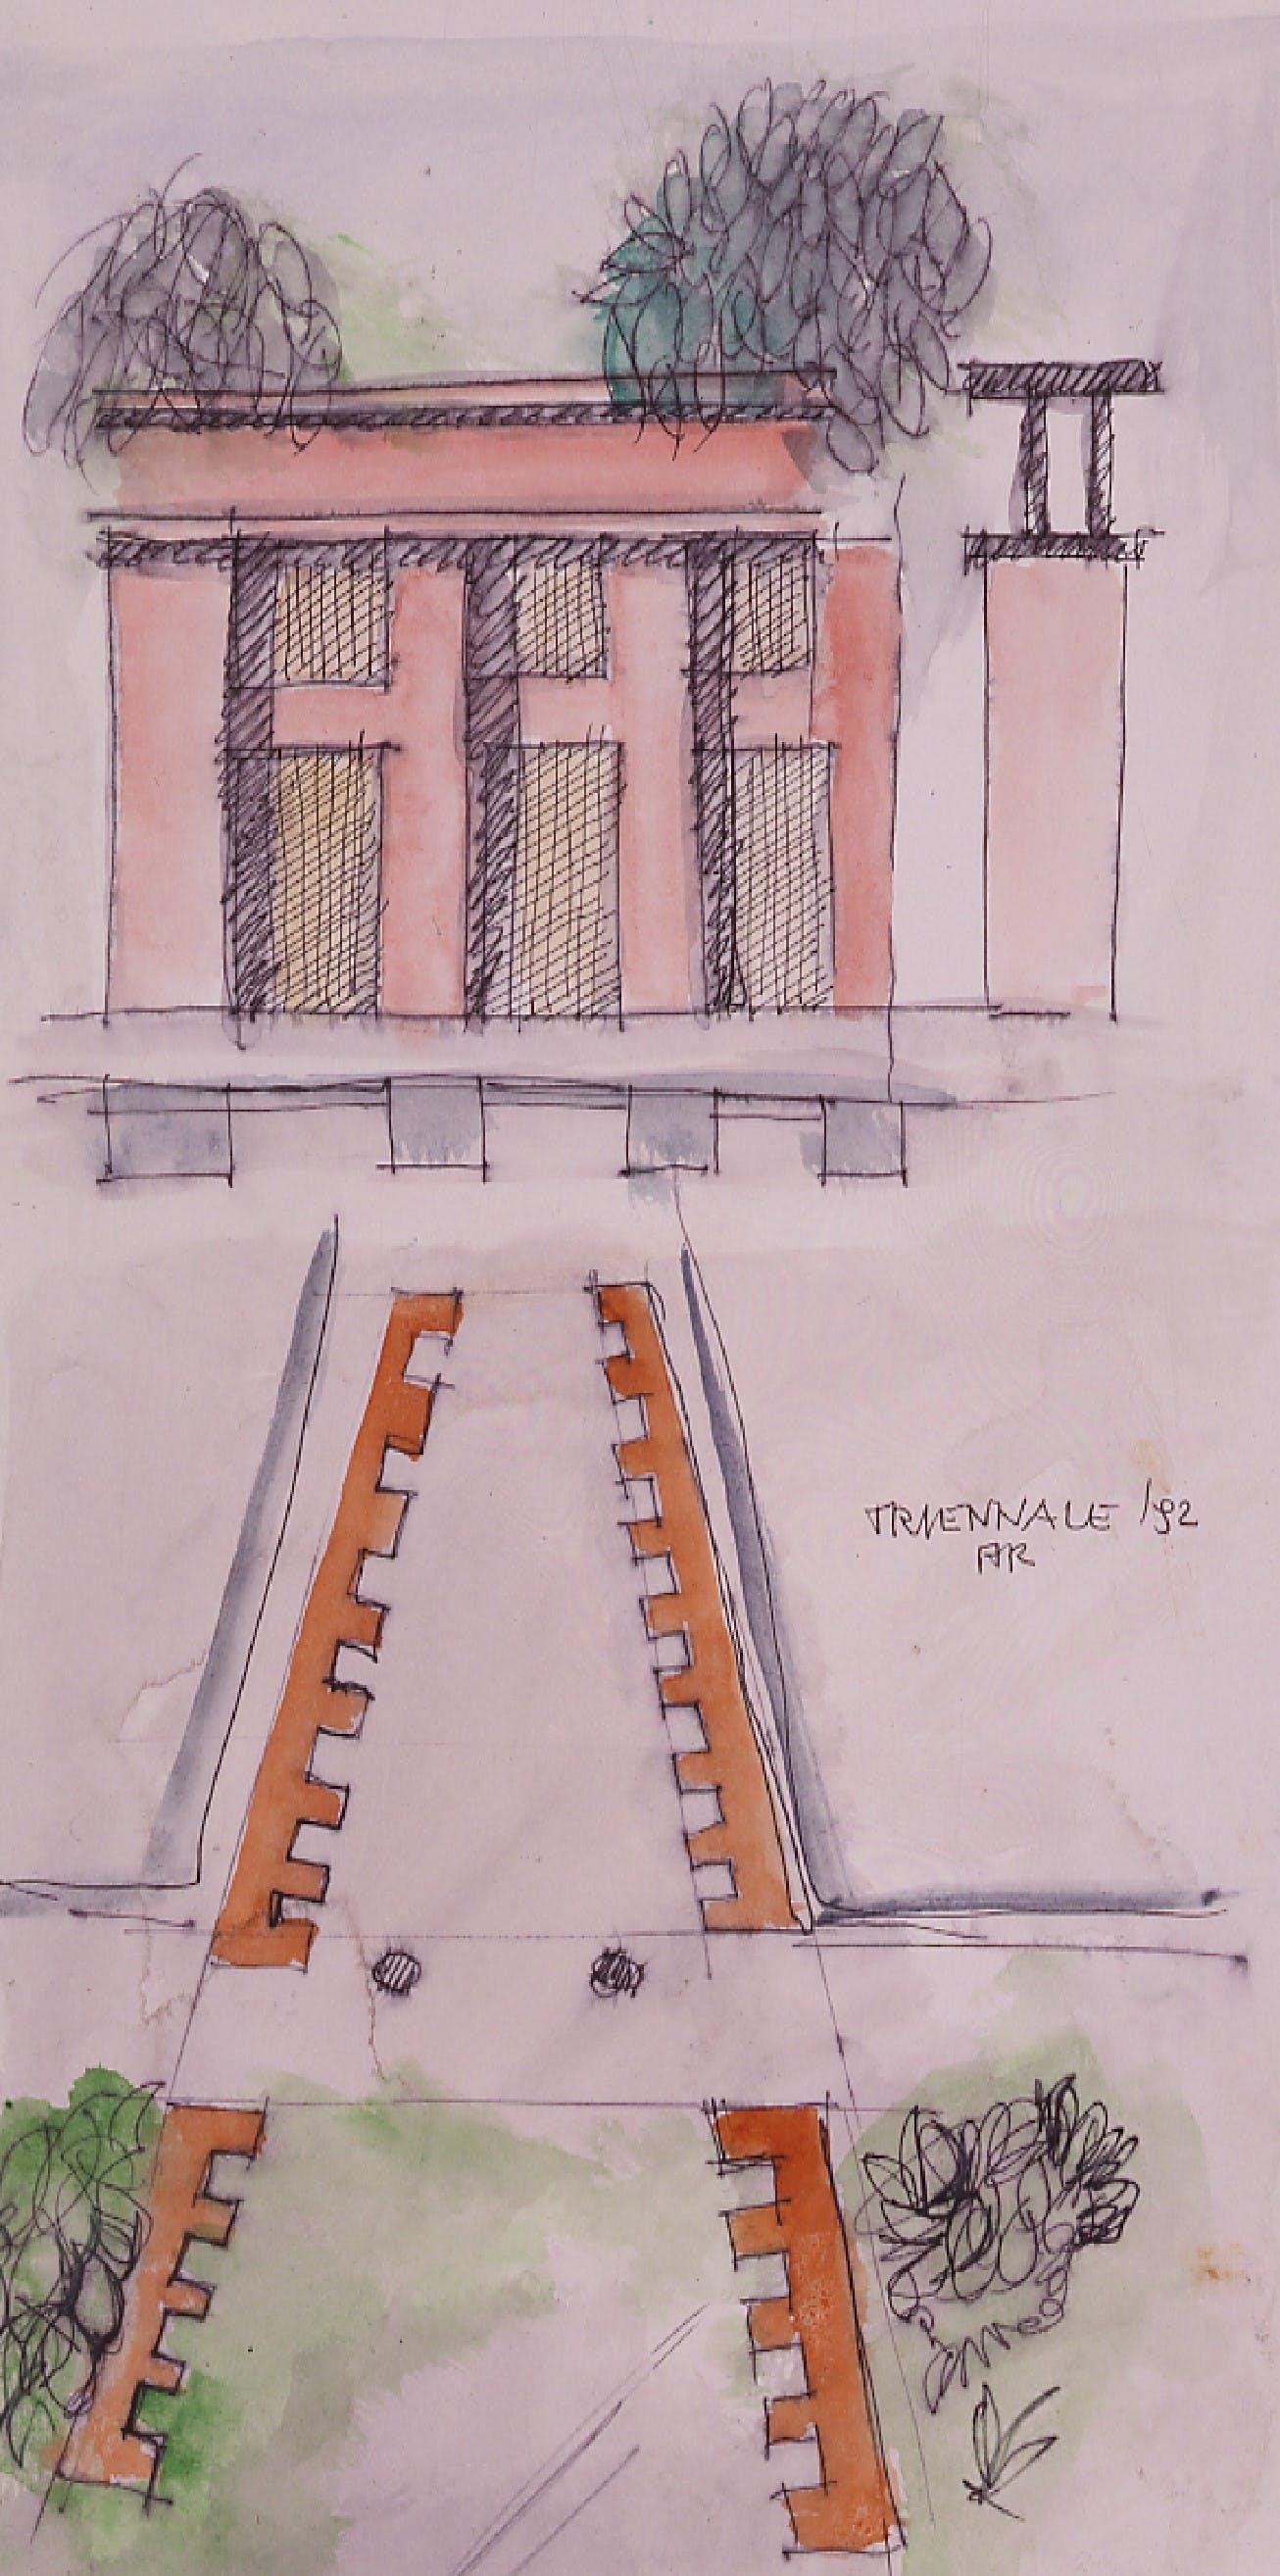 1992, XVIII Triennale, disegni per il progetto dell'allestimento Aldo Rossi e Luca Meda